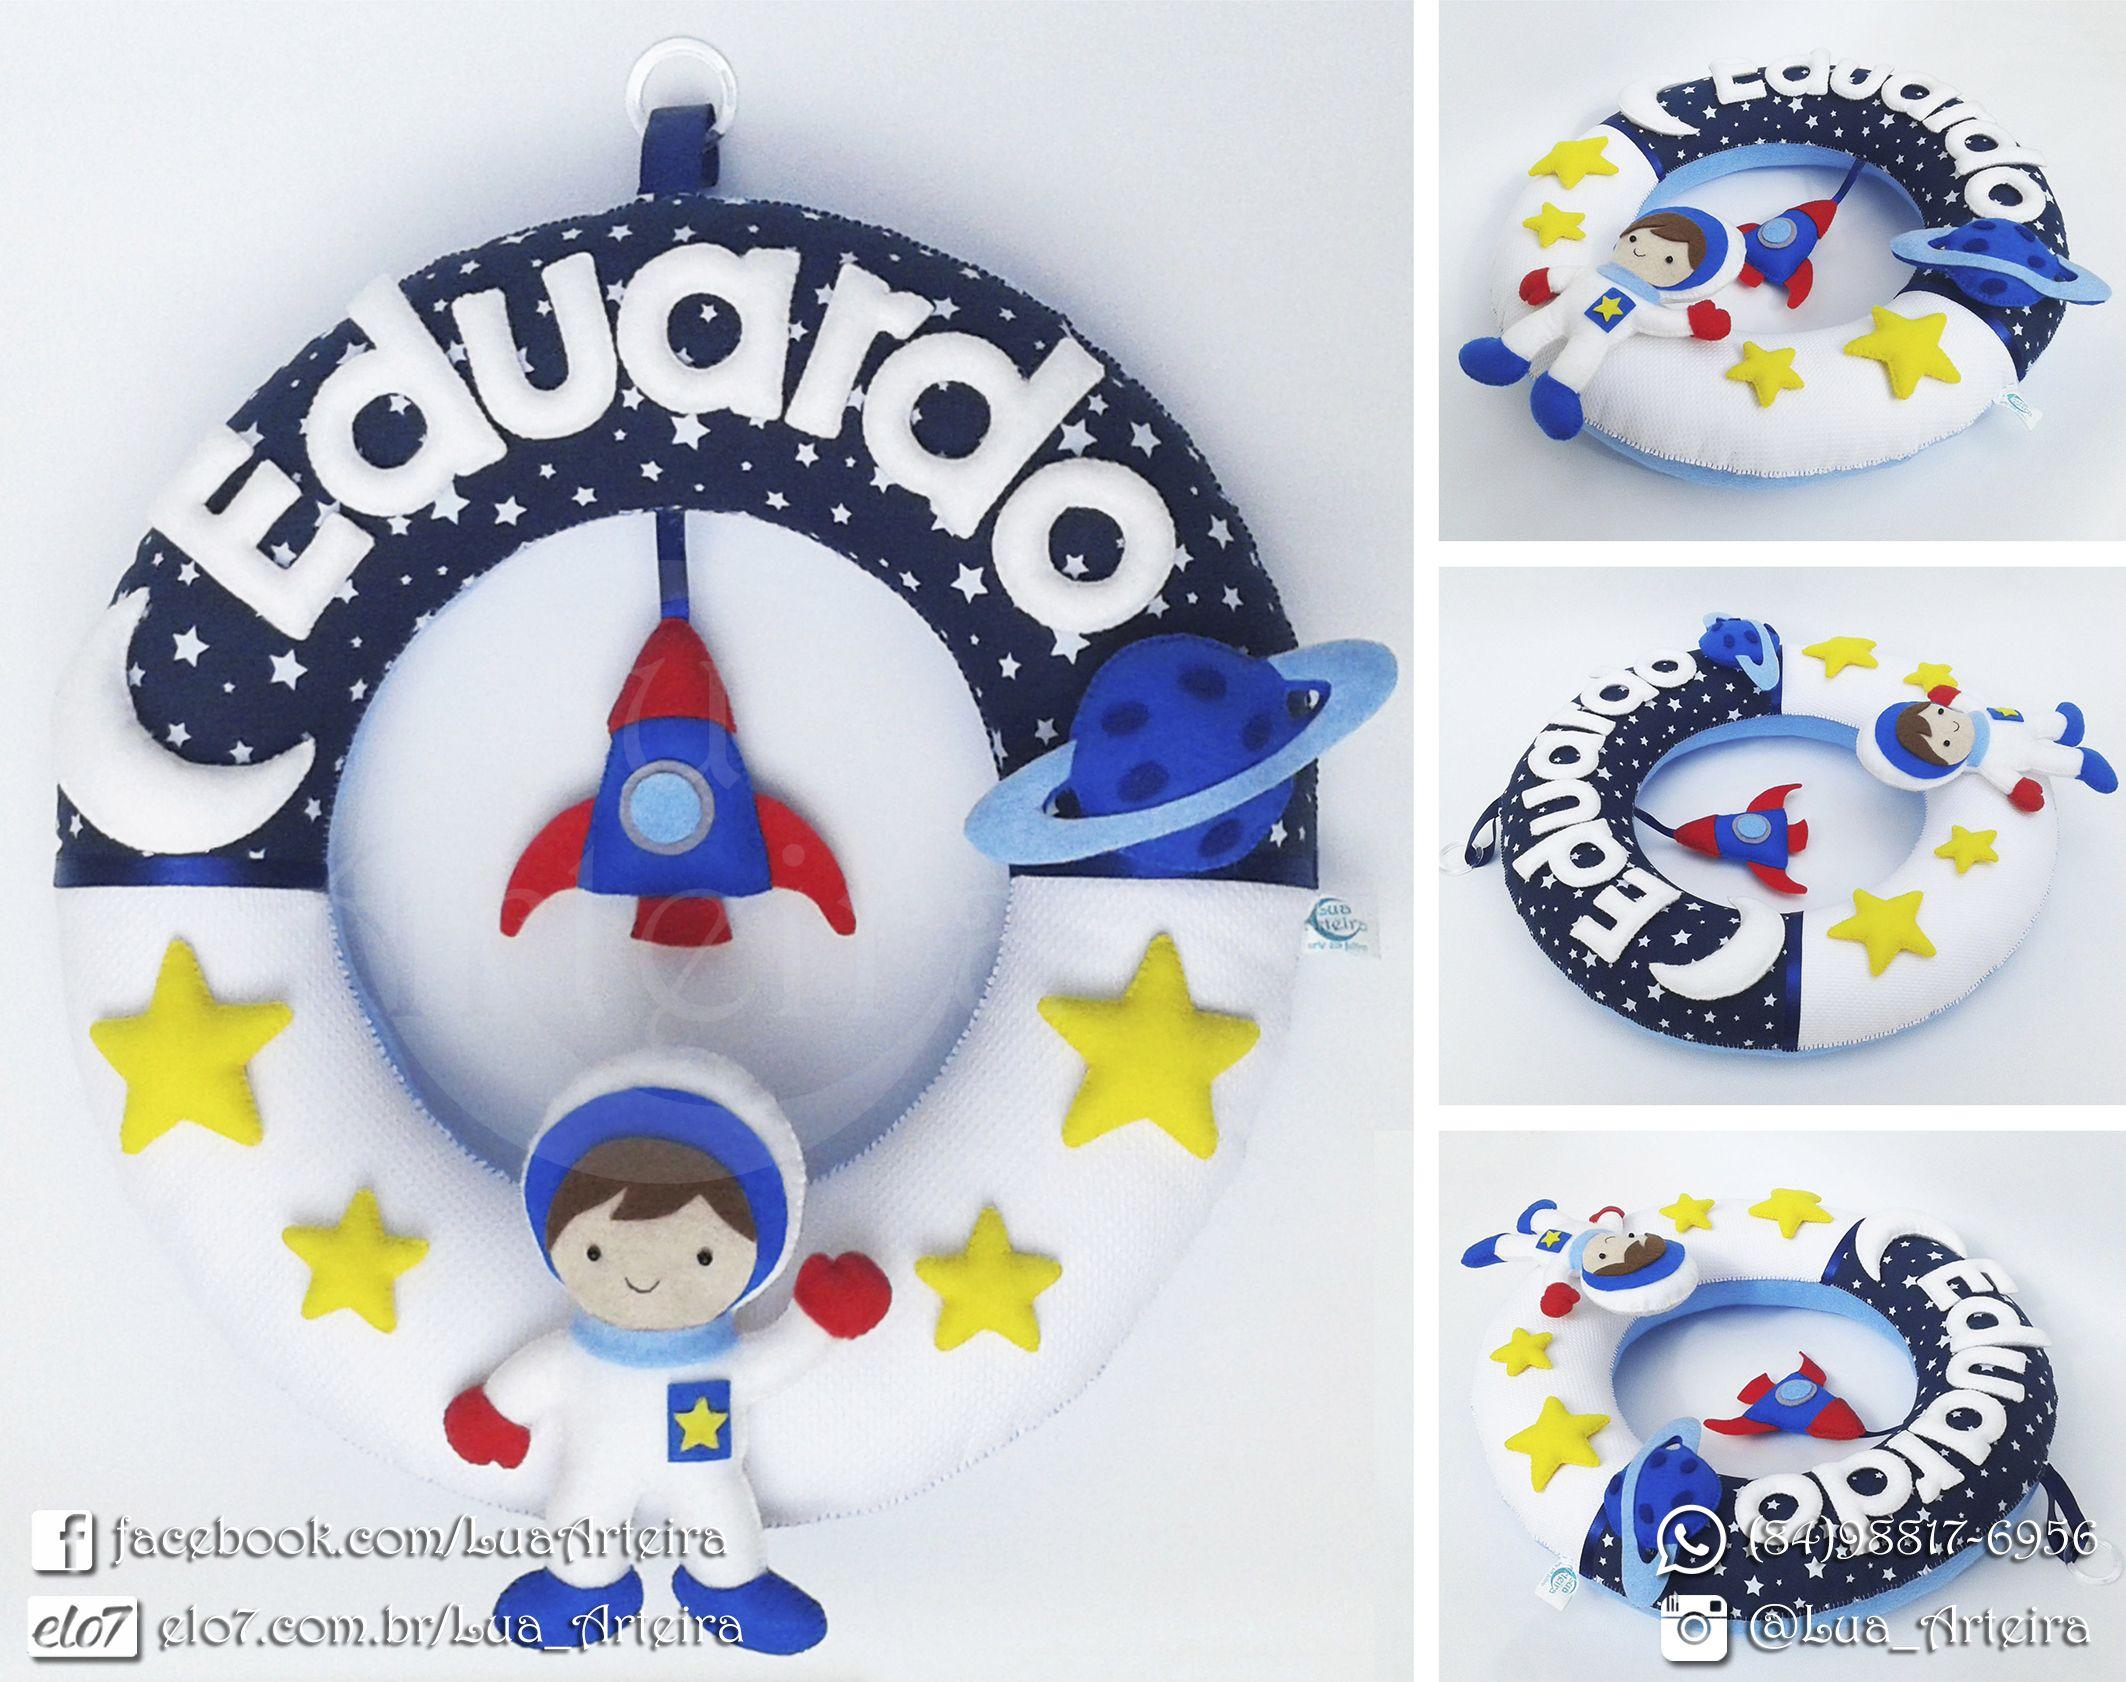 Guirlanda De Feltro Astronauta Com Imagens Guirlanda De Feltro